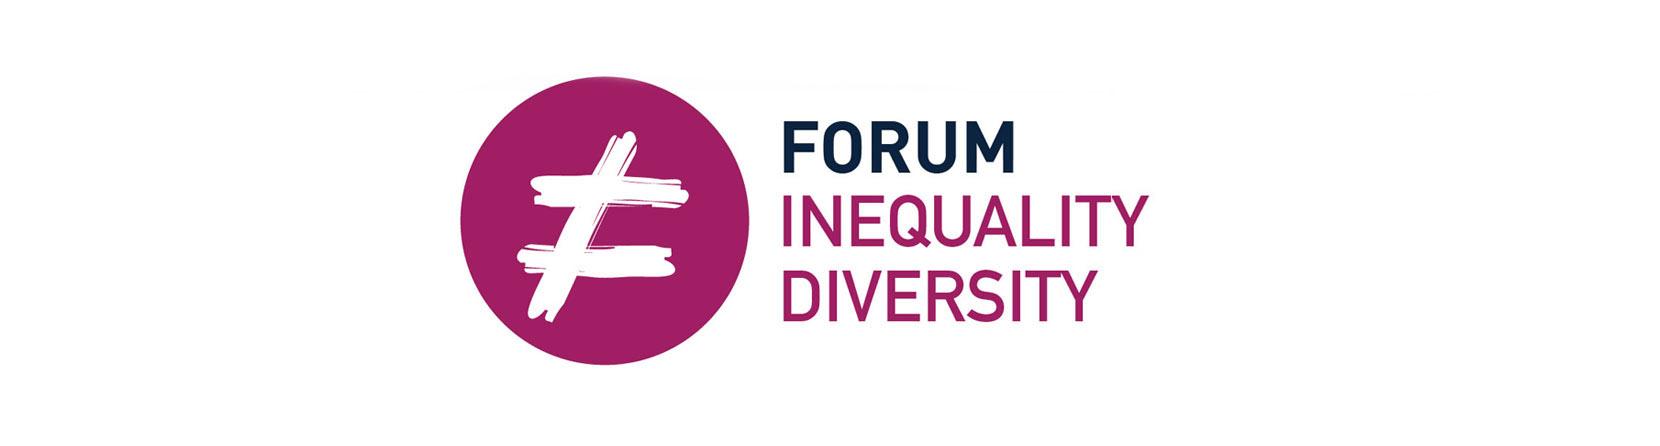 Forum Inequality Diversity